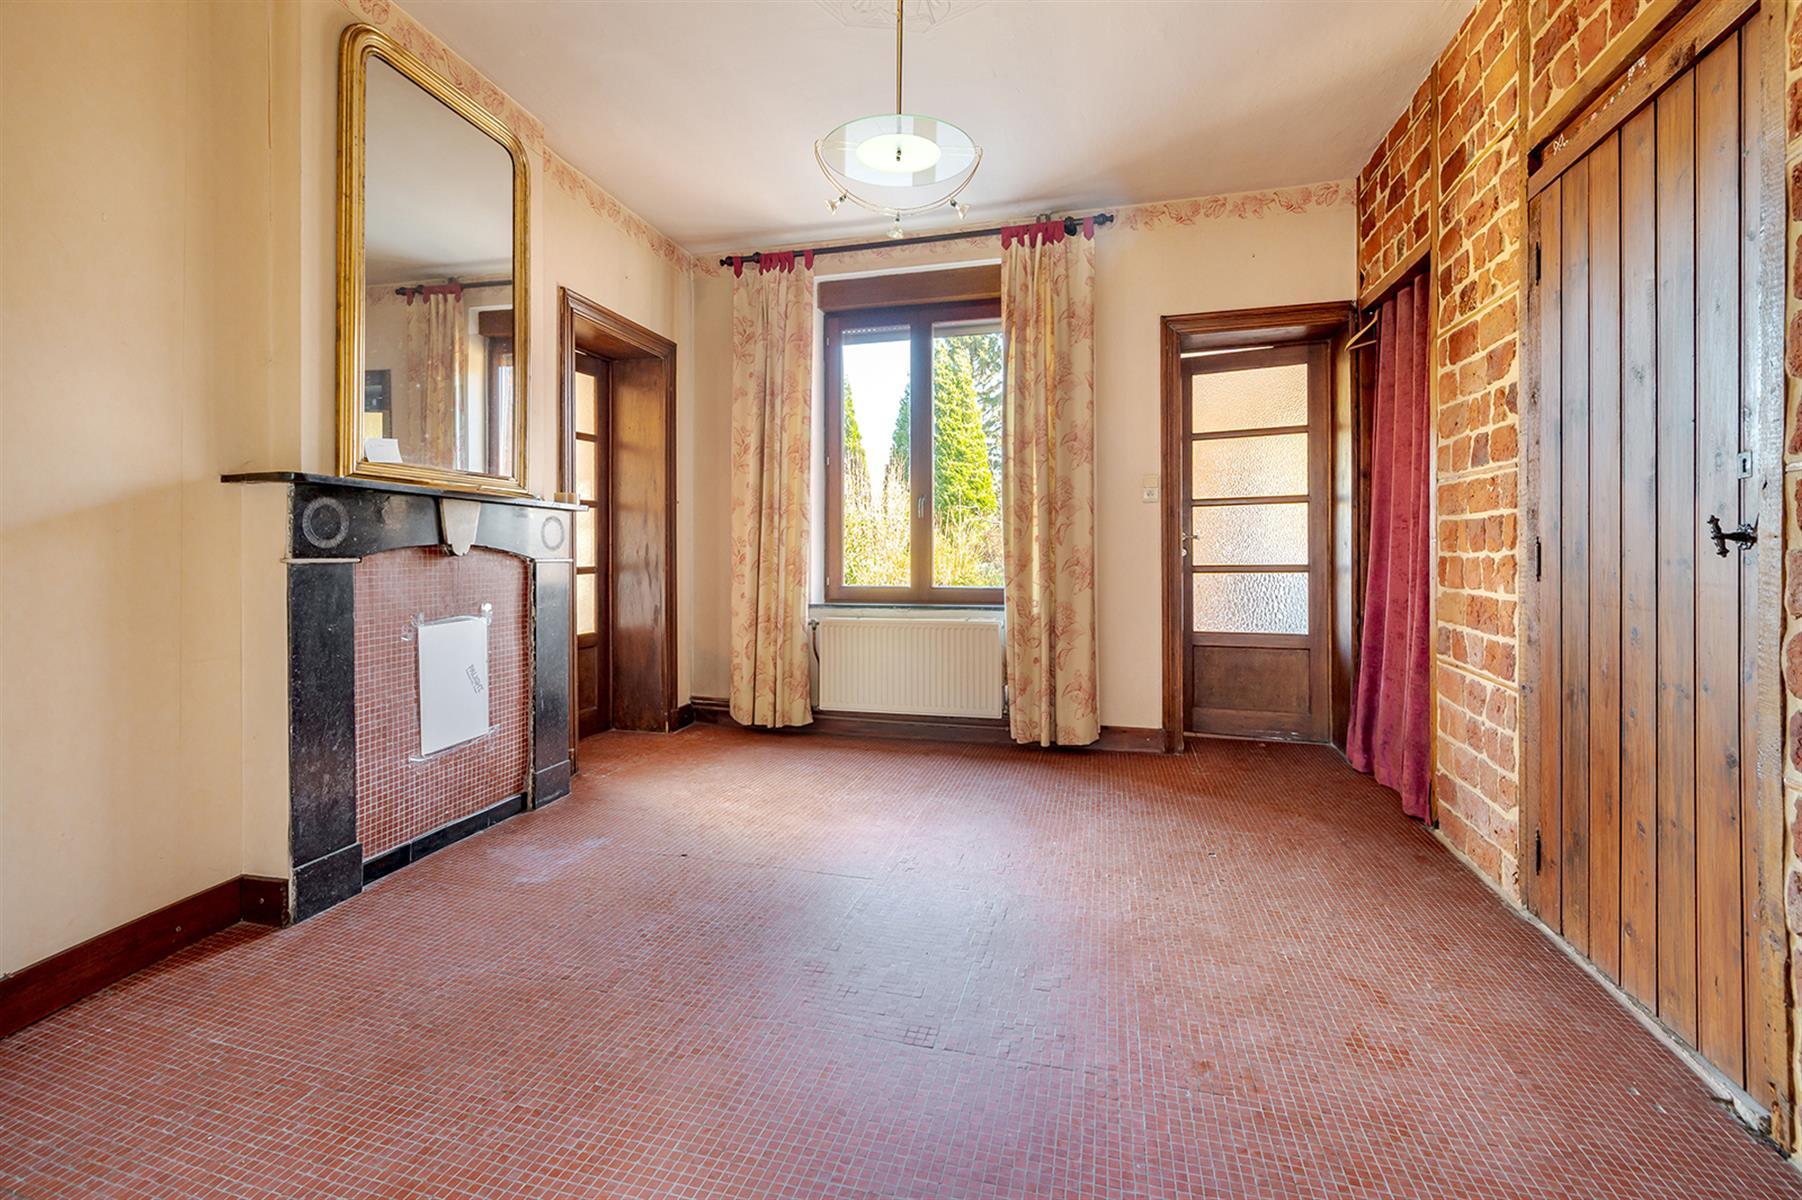 Maison - Fexhele-Haut-Clocher Voroux-Goreux - #4214944-3